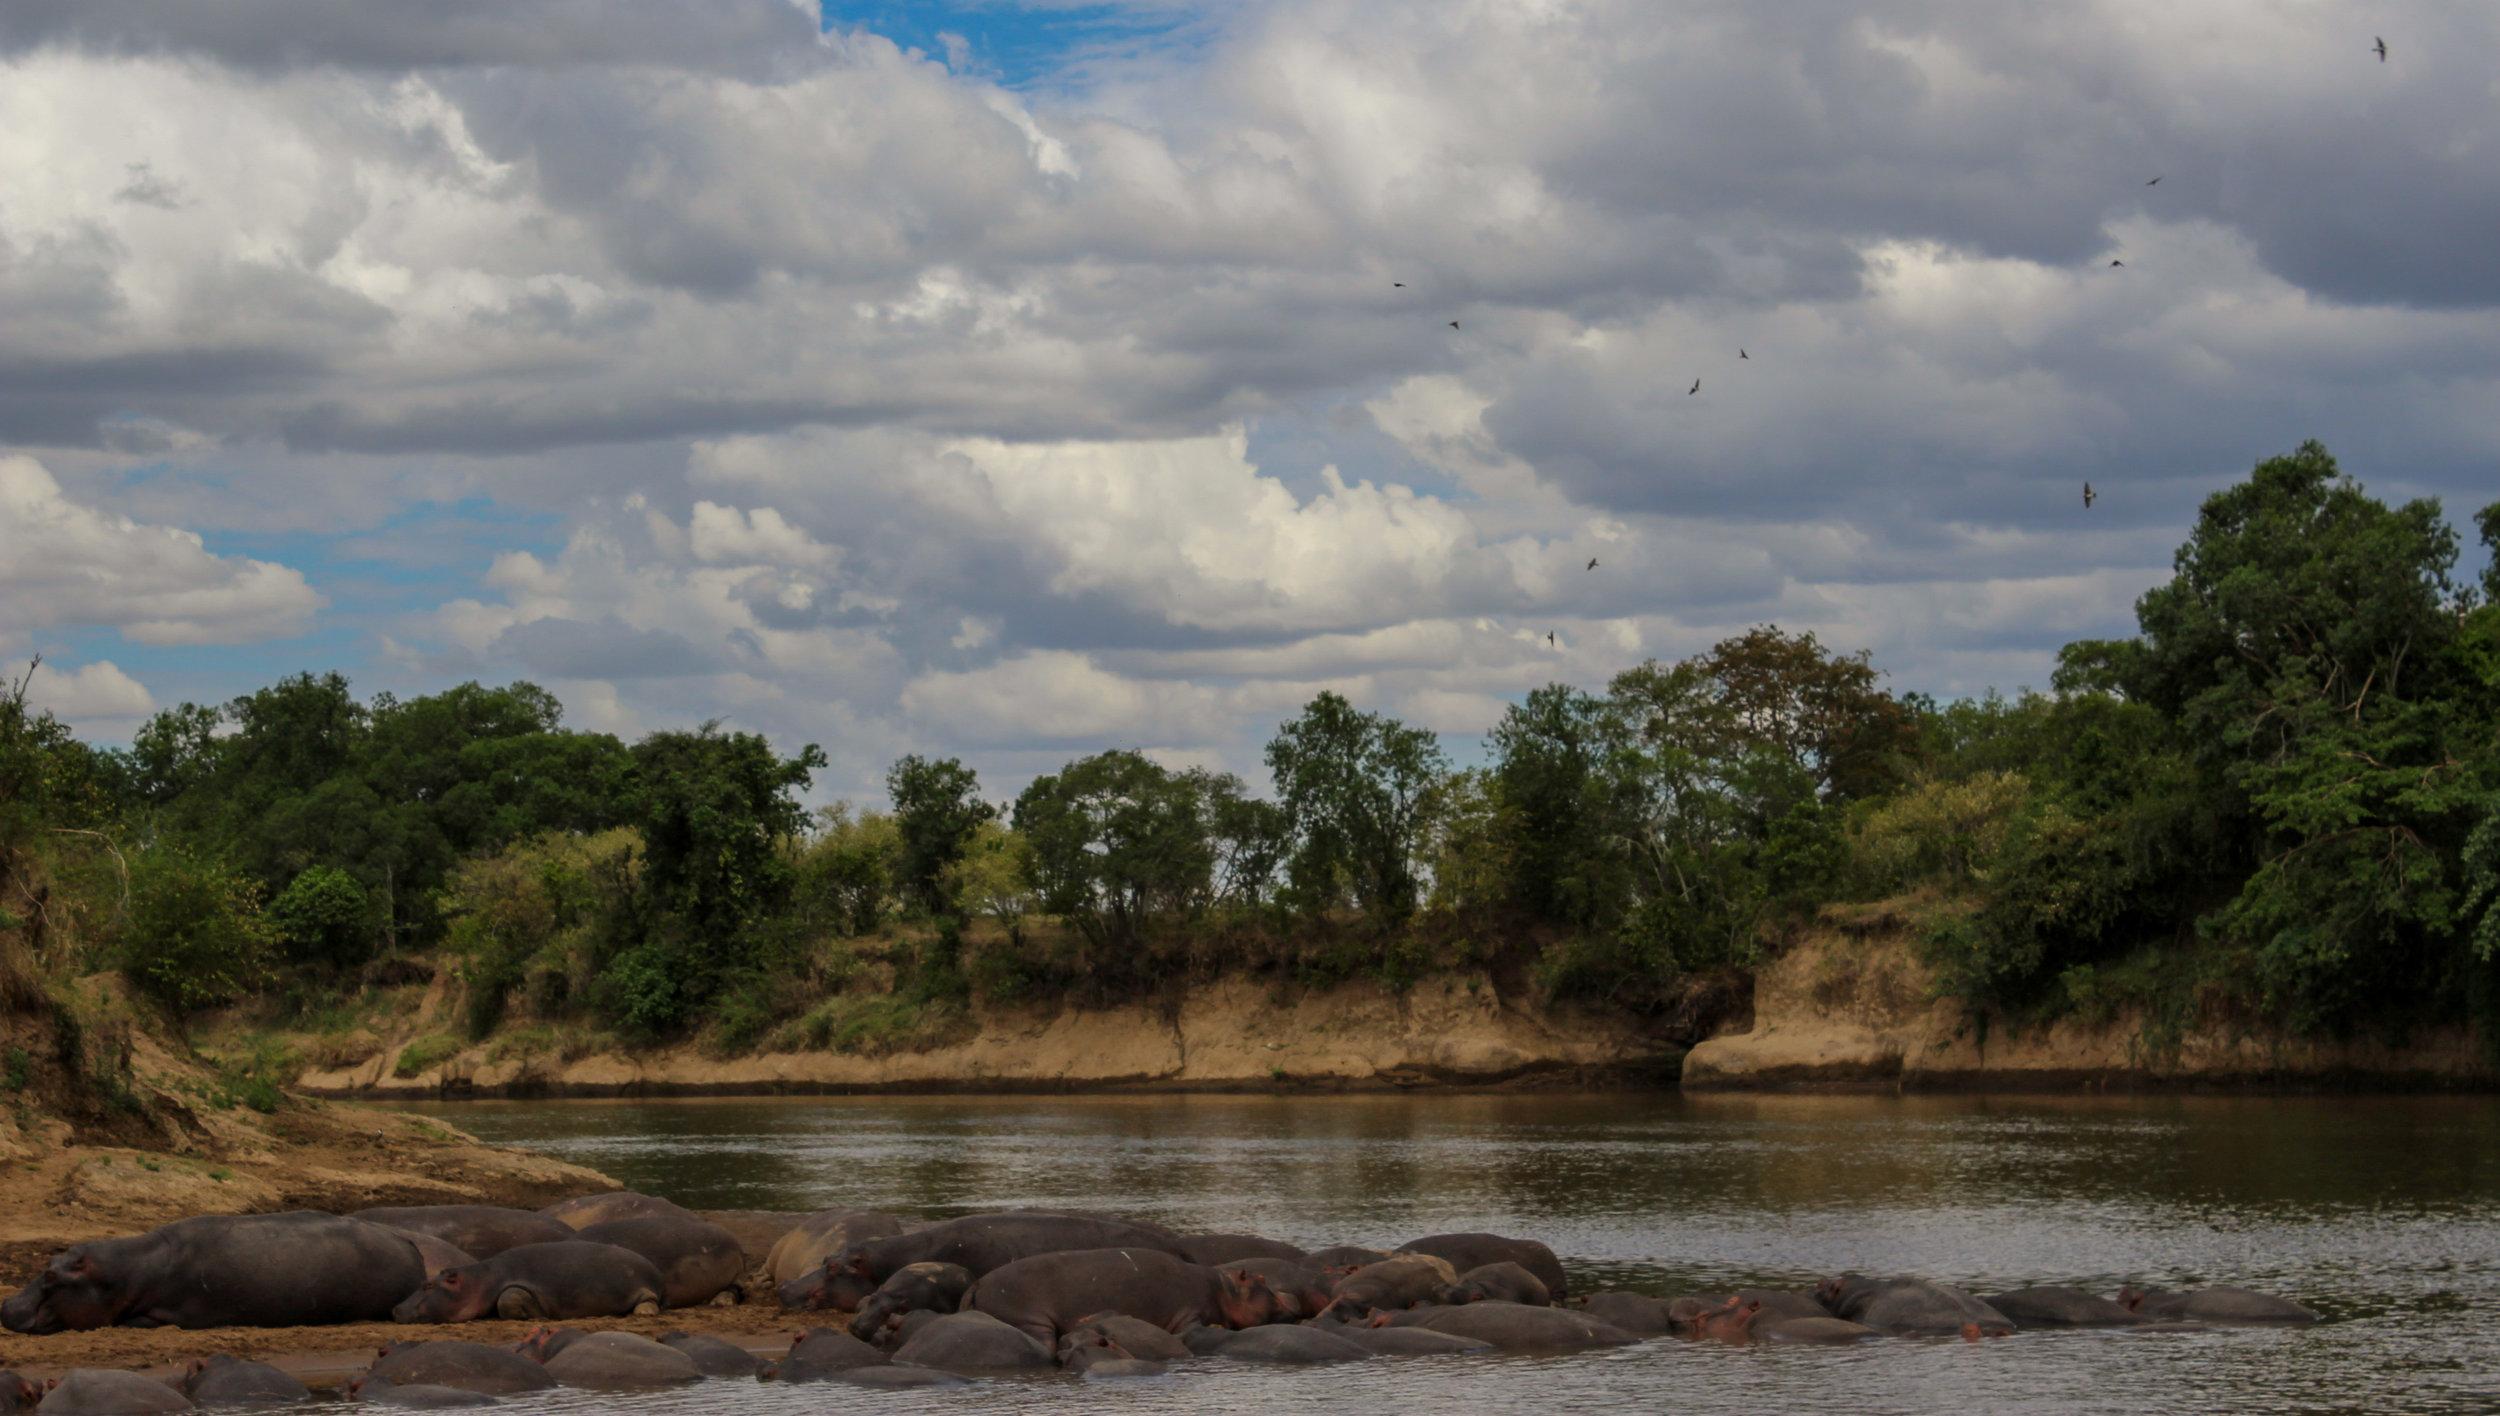 River hippos Kenya Africa (1 of 1).jpg